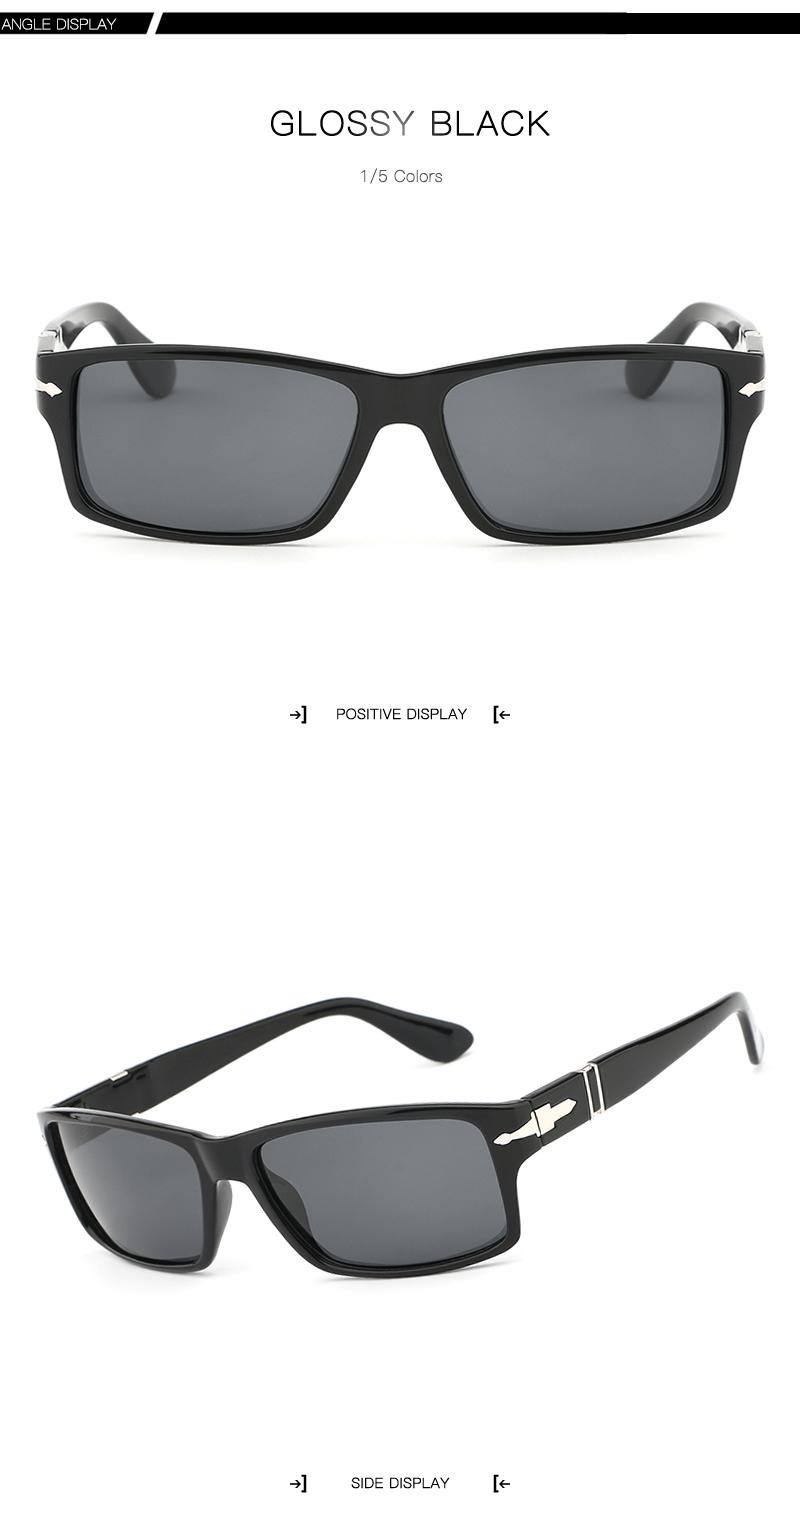 Pria kacamata merek desain terpolarisasi berjemur kacamata pria 2018 terpolarisasi  kacamata hitam pria kacamata hitam vintage pria kacamata retro square ... d0a41406ab